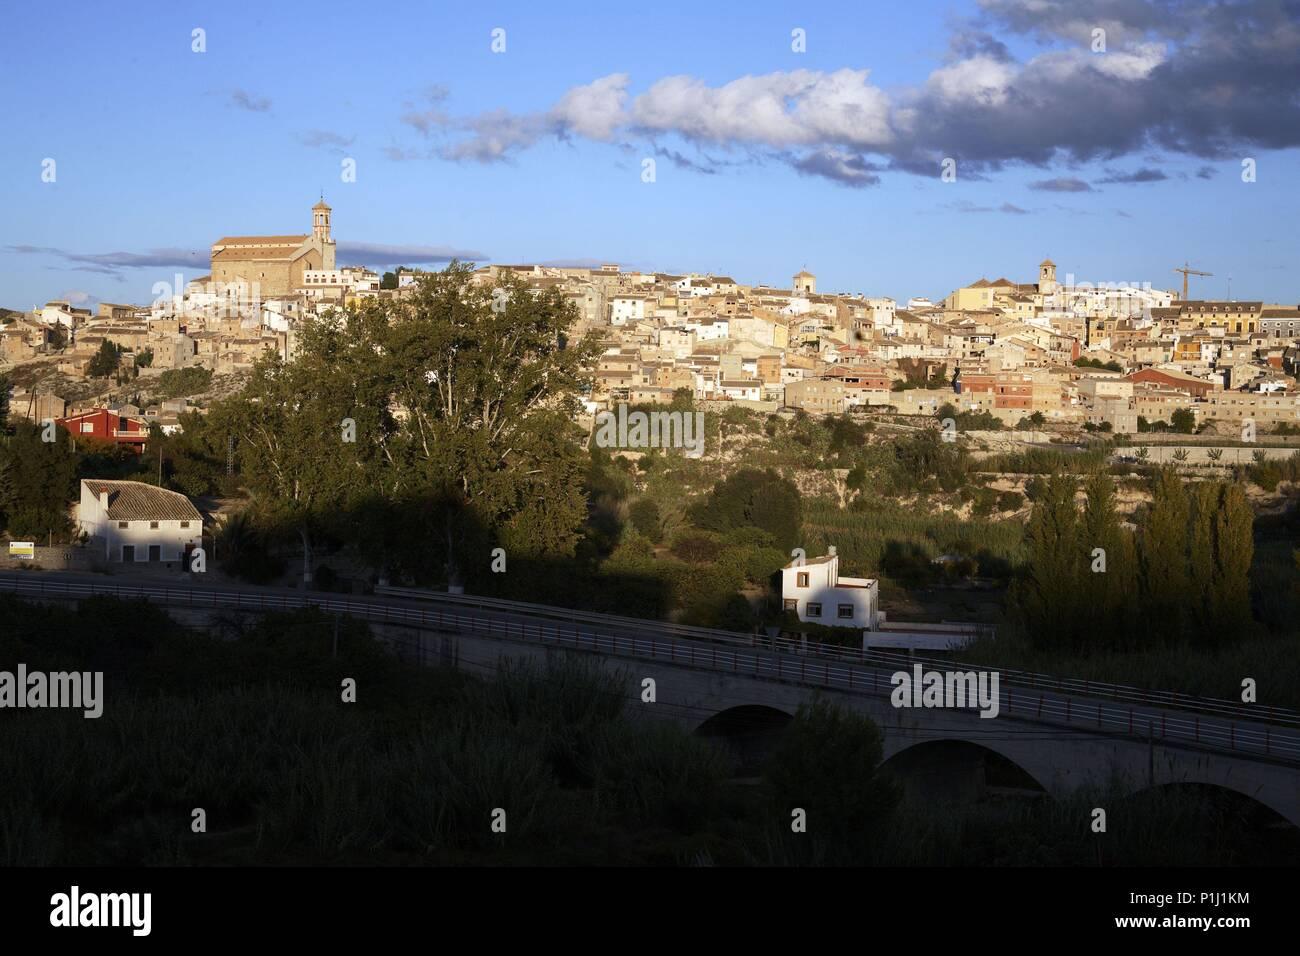 SPAIN - El Noroeste (district) - MURCIA. Cehegín; vista del pueblo con iglesia de La Magdalena a izq. - Stock Image